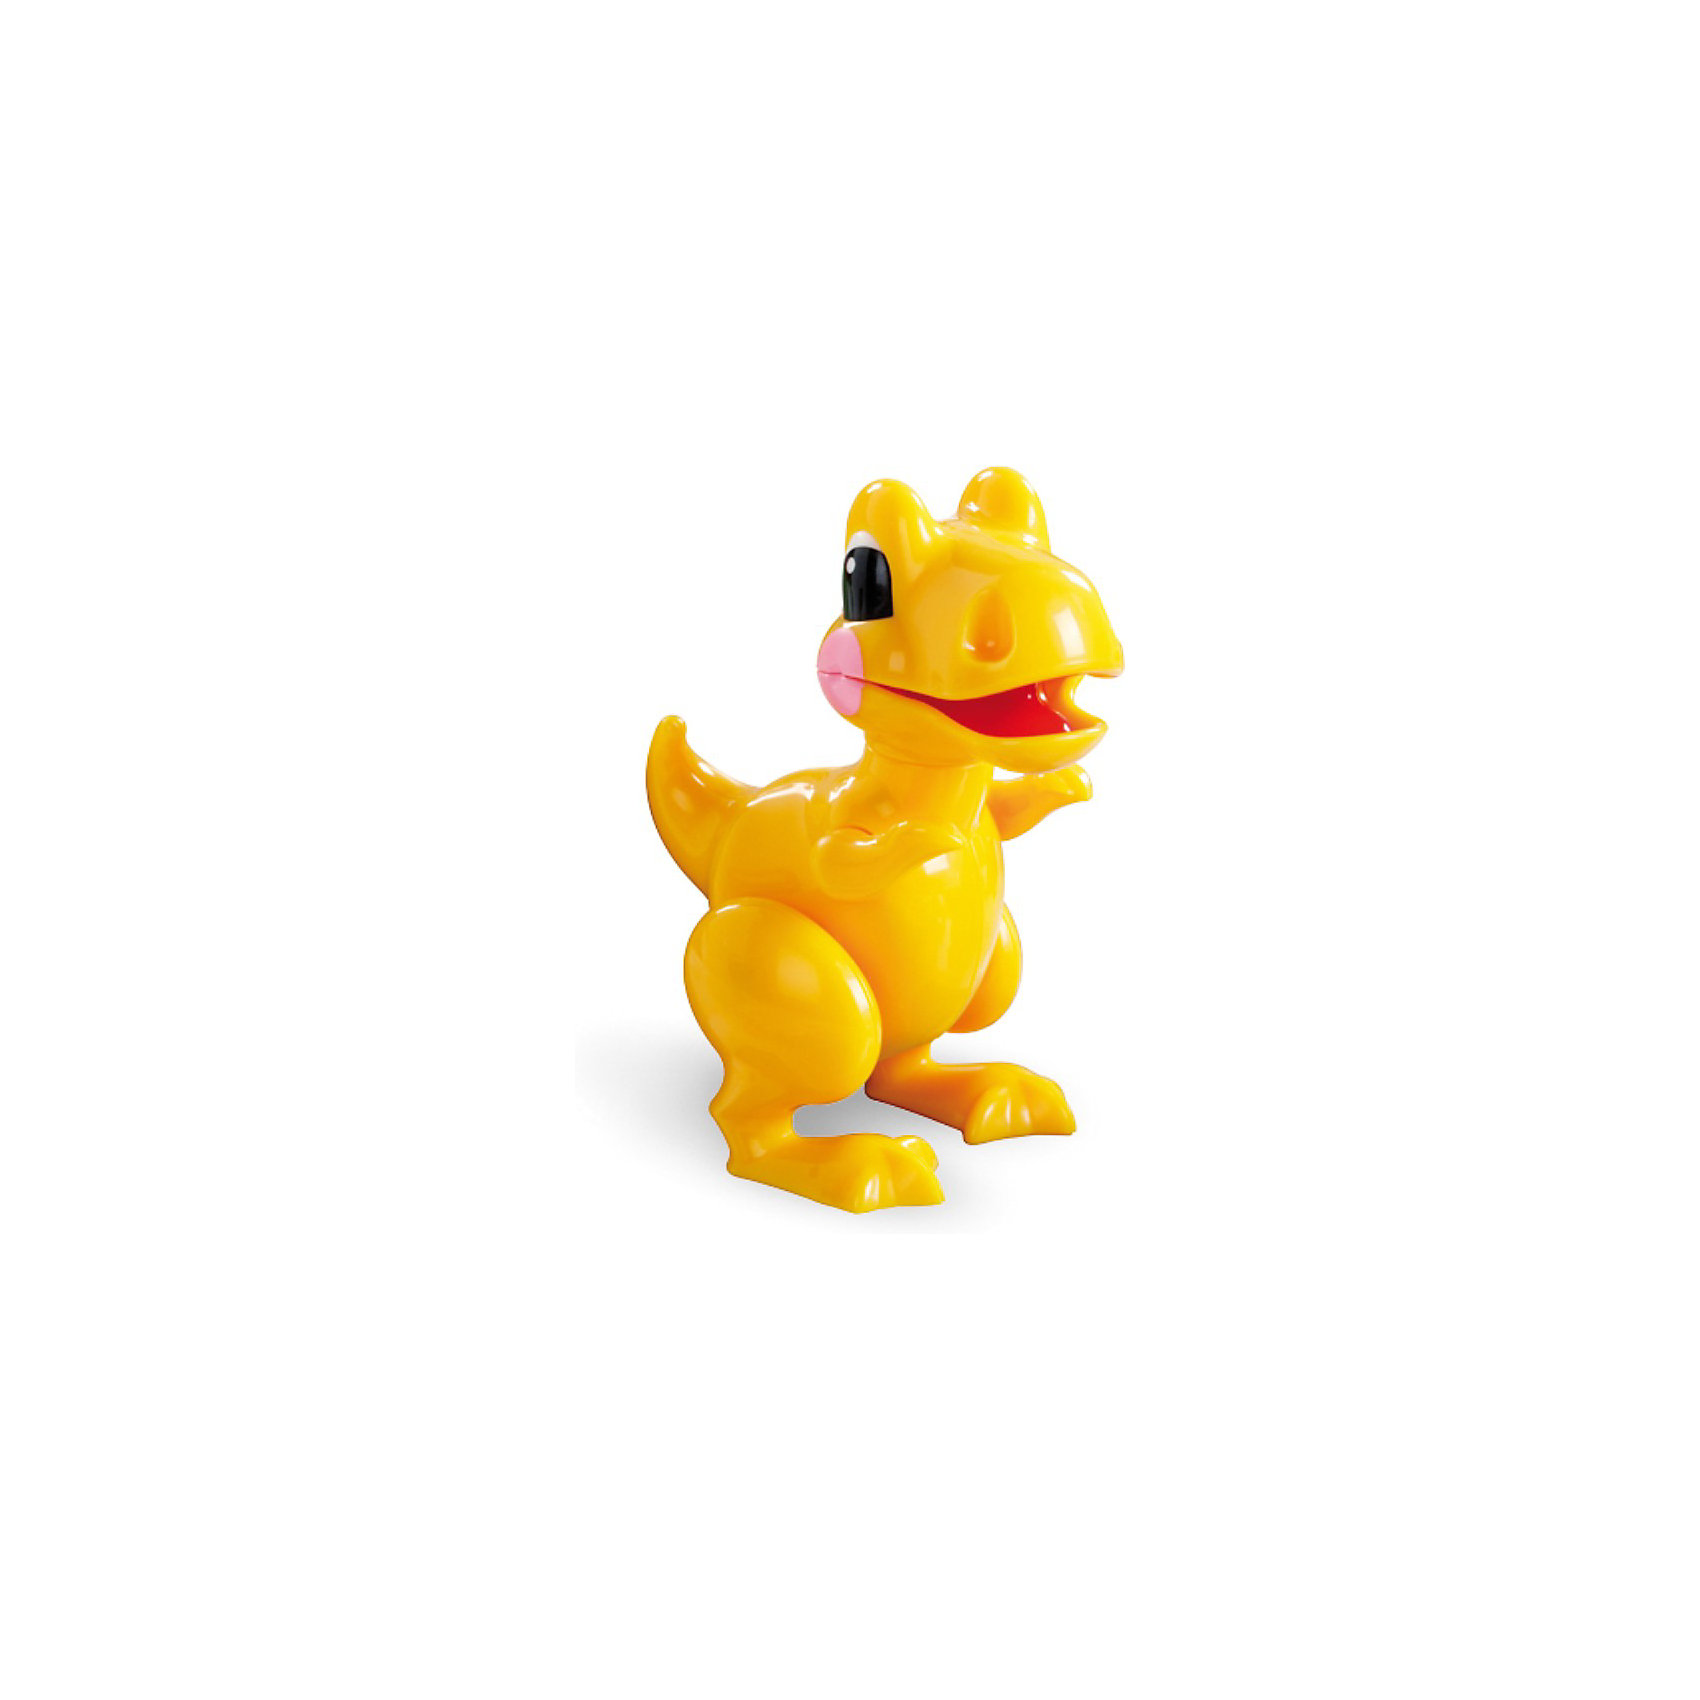 TOLO Фигурка Тираннозавр, Первые друзья, TOLO развивающие игрушки tolo toys тюлень